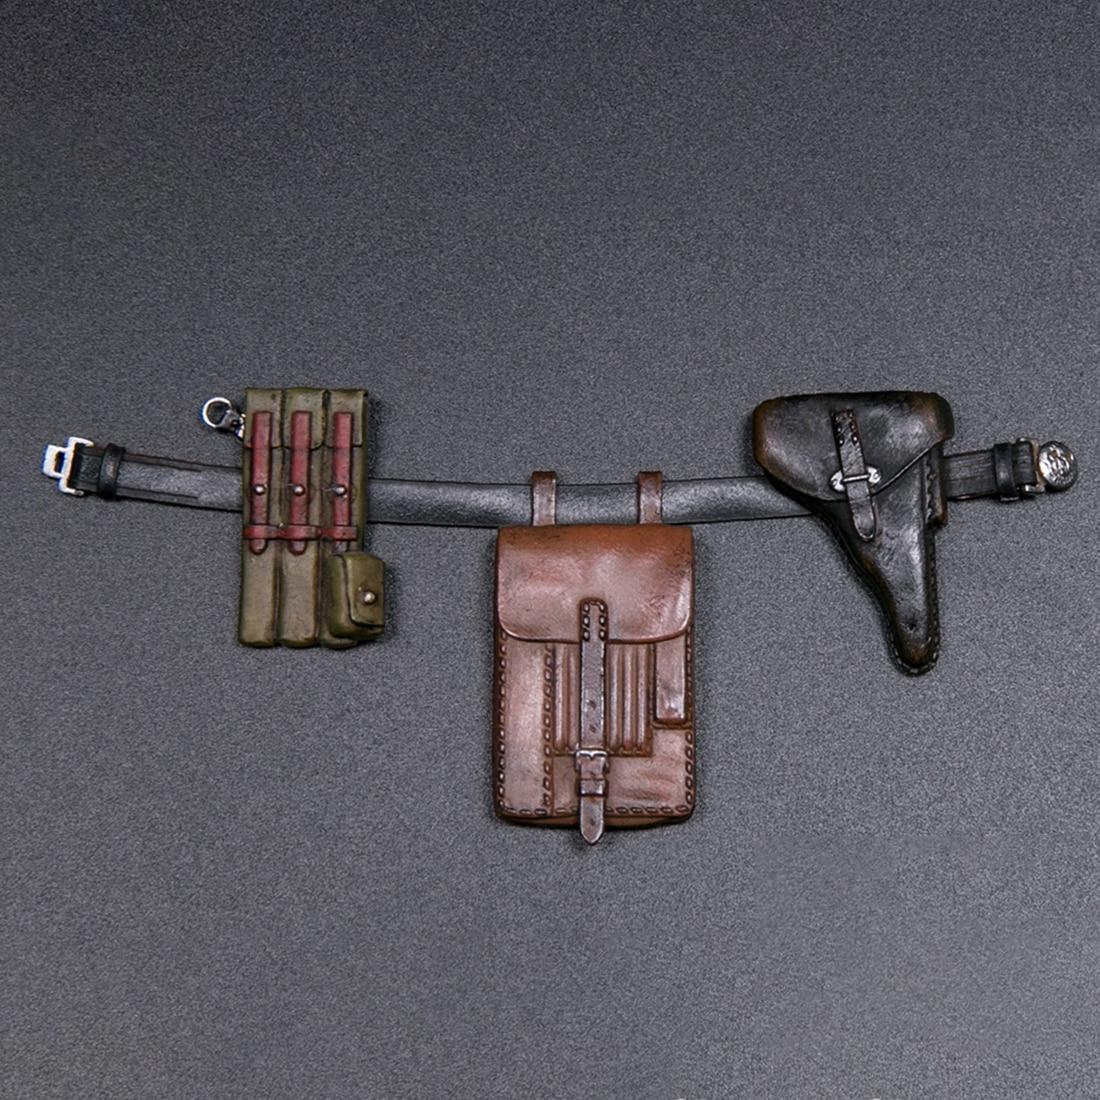 15 Cm 1/12 Action Figure Realistische Headsculpt Diy Handgemaakte Elite Wereldoorlog Ii Panzer Divisie Soldaat Model Educatief Speelgoed Gift - 3